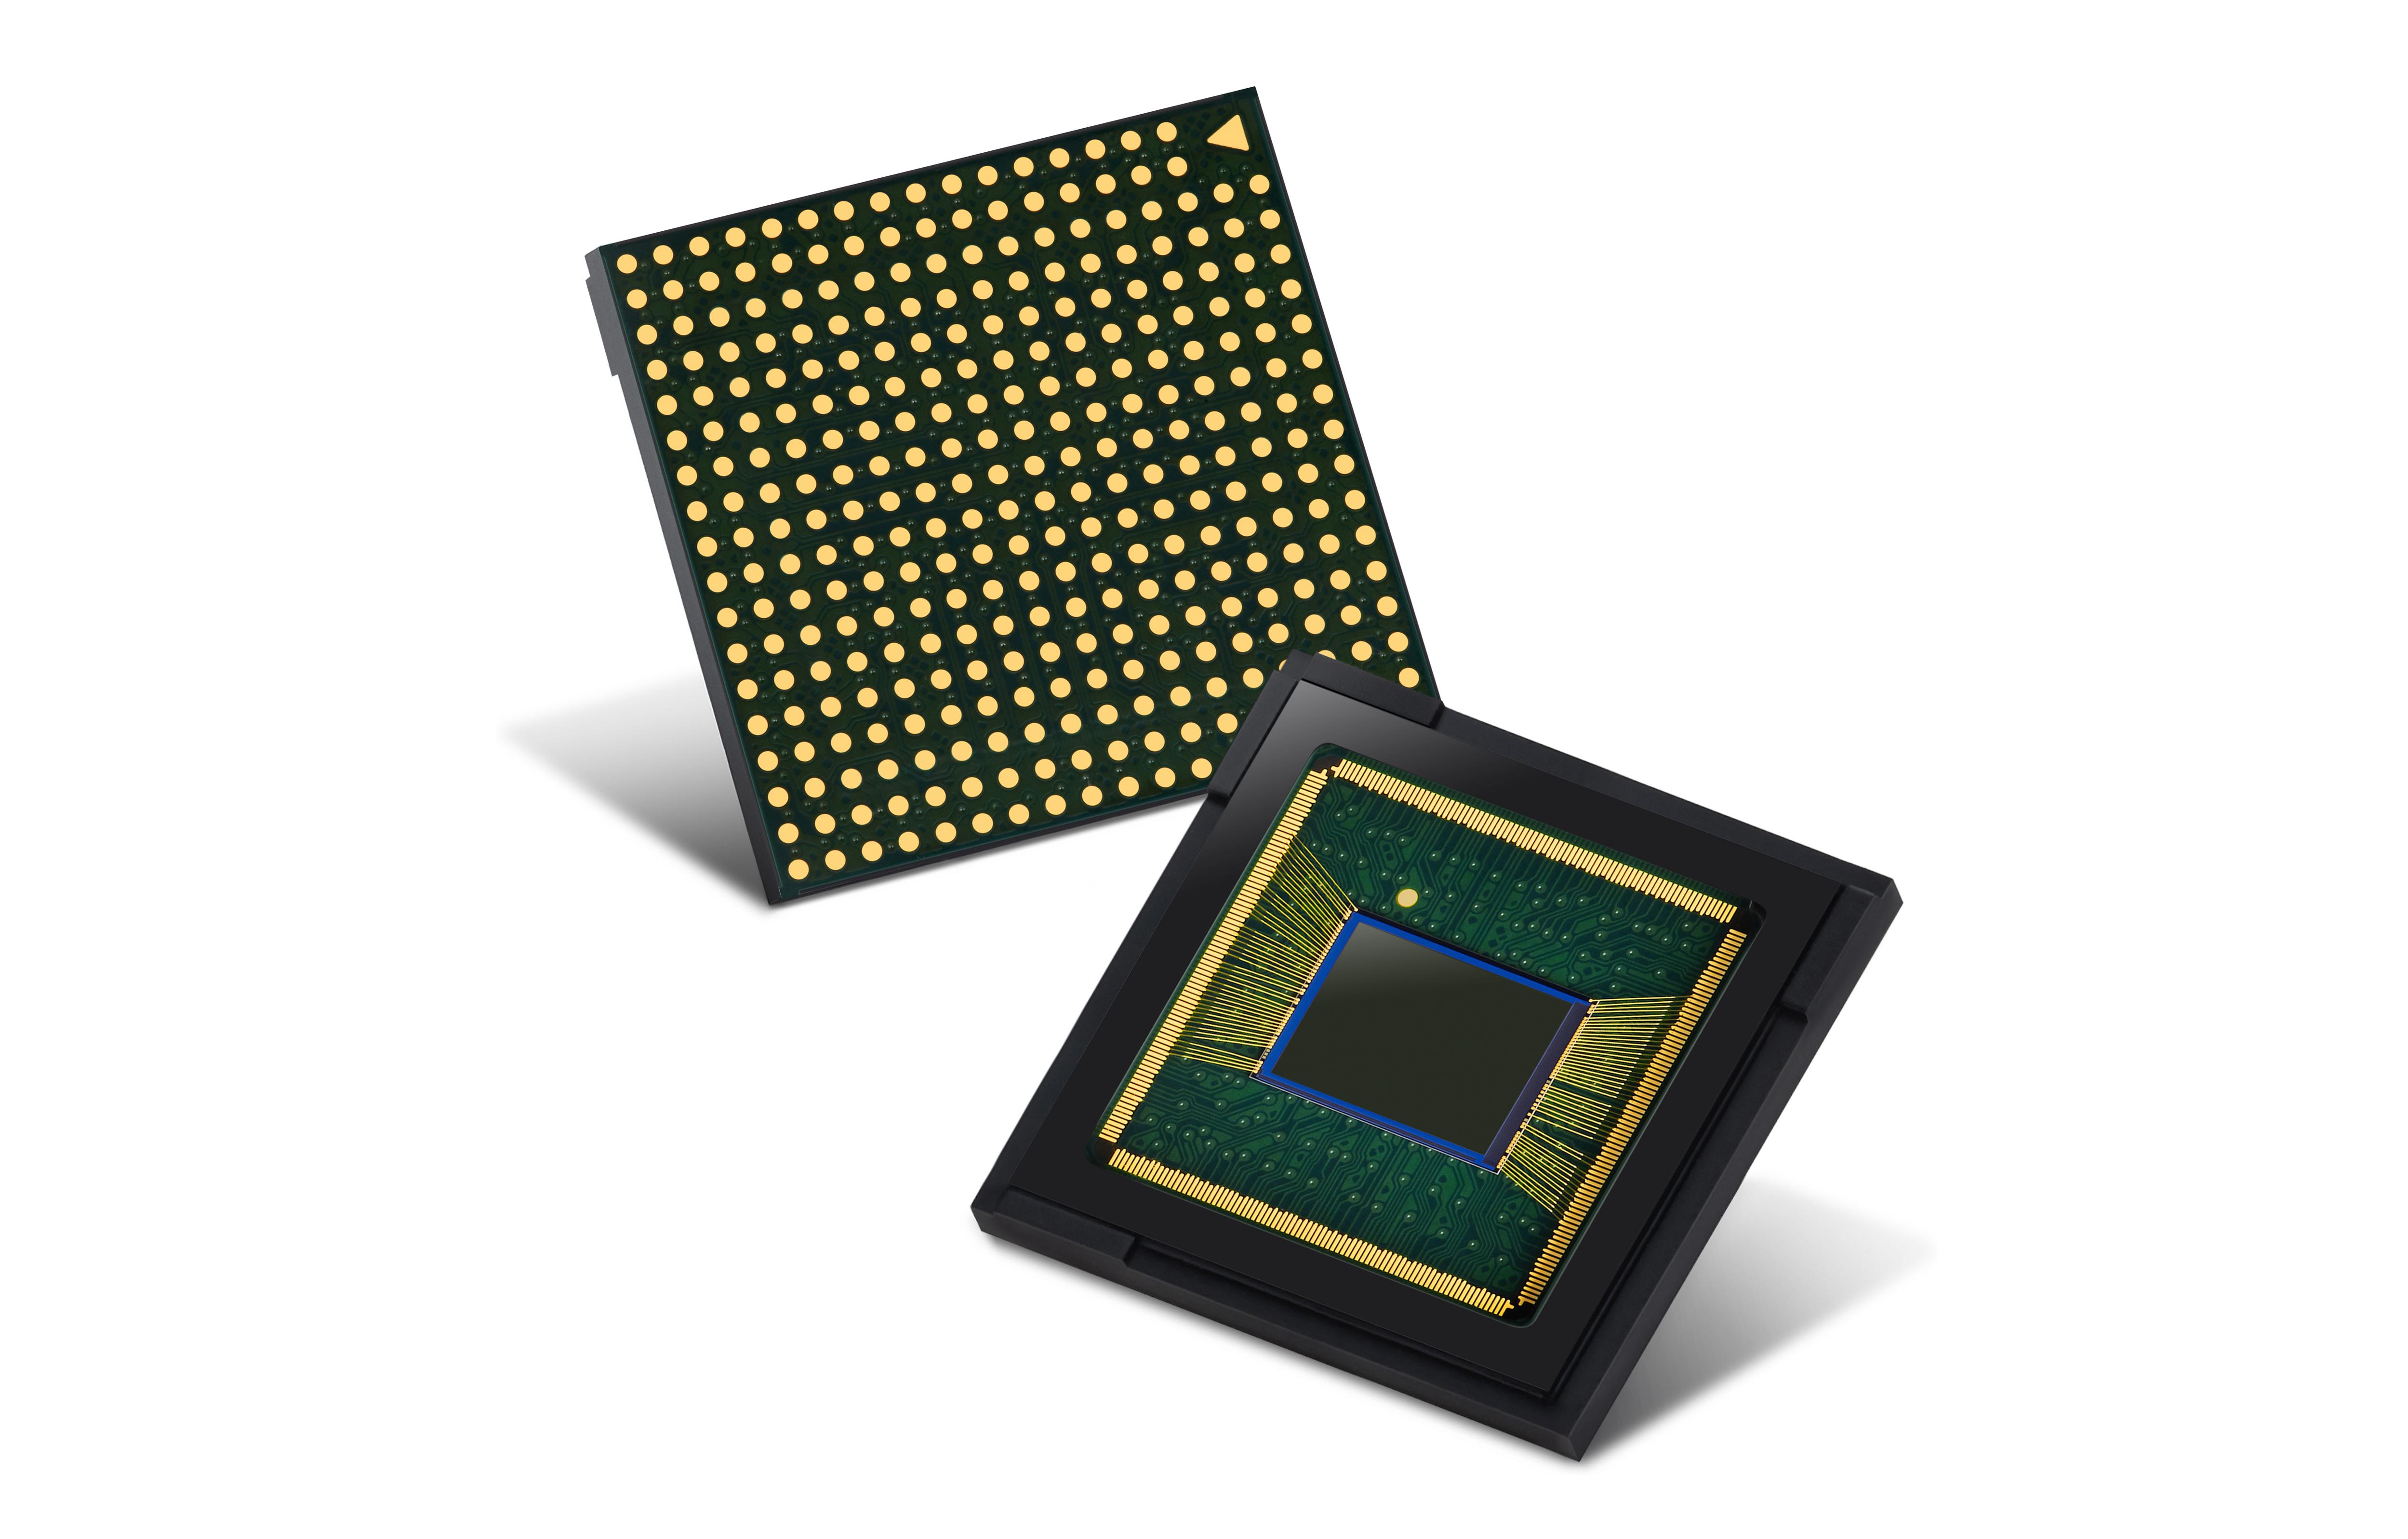 Samsung's 64MP camera phone sensor outmuscles any Canon or Nikon camera | Digital Camera World